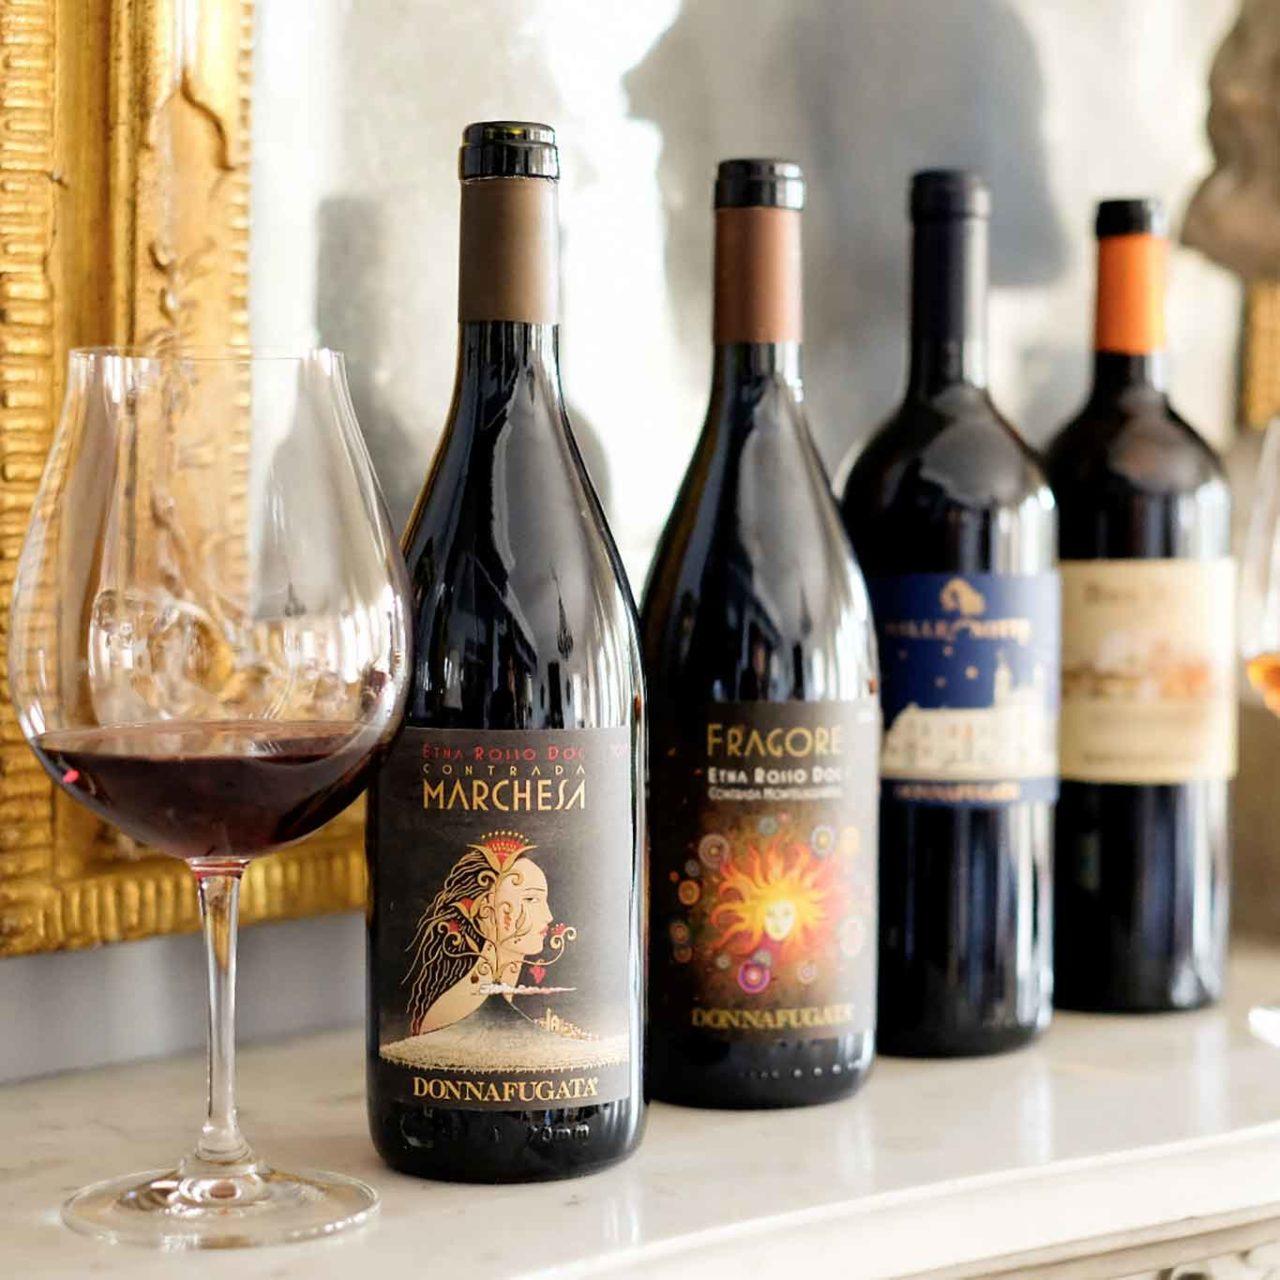 Donnafugata vini